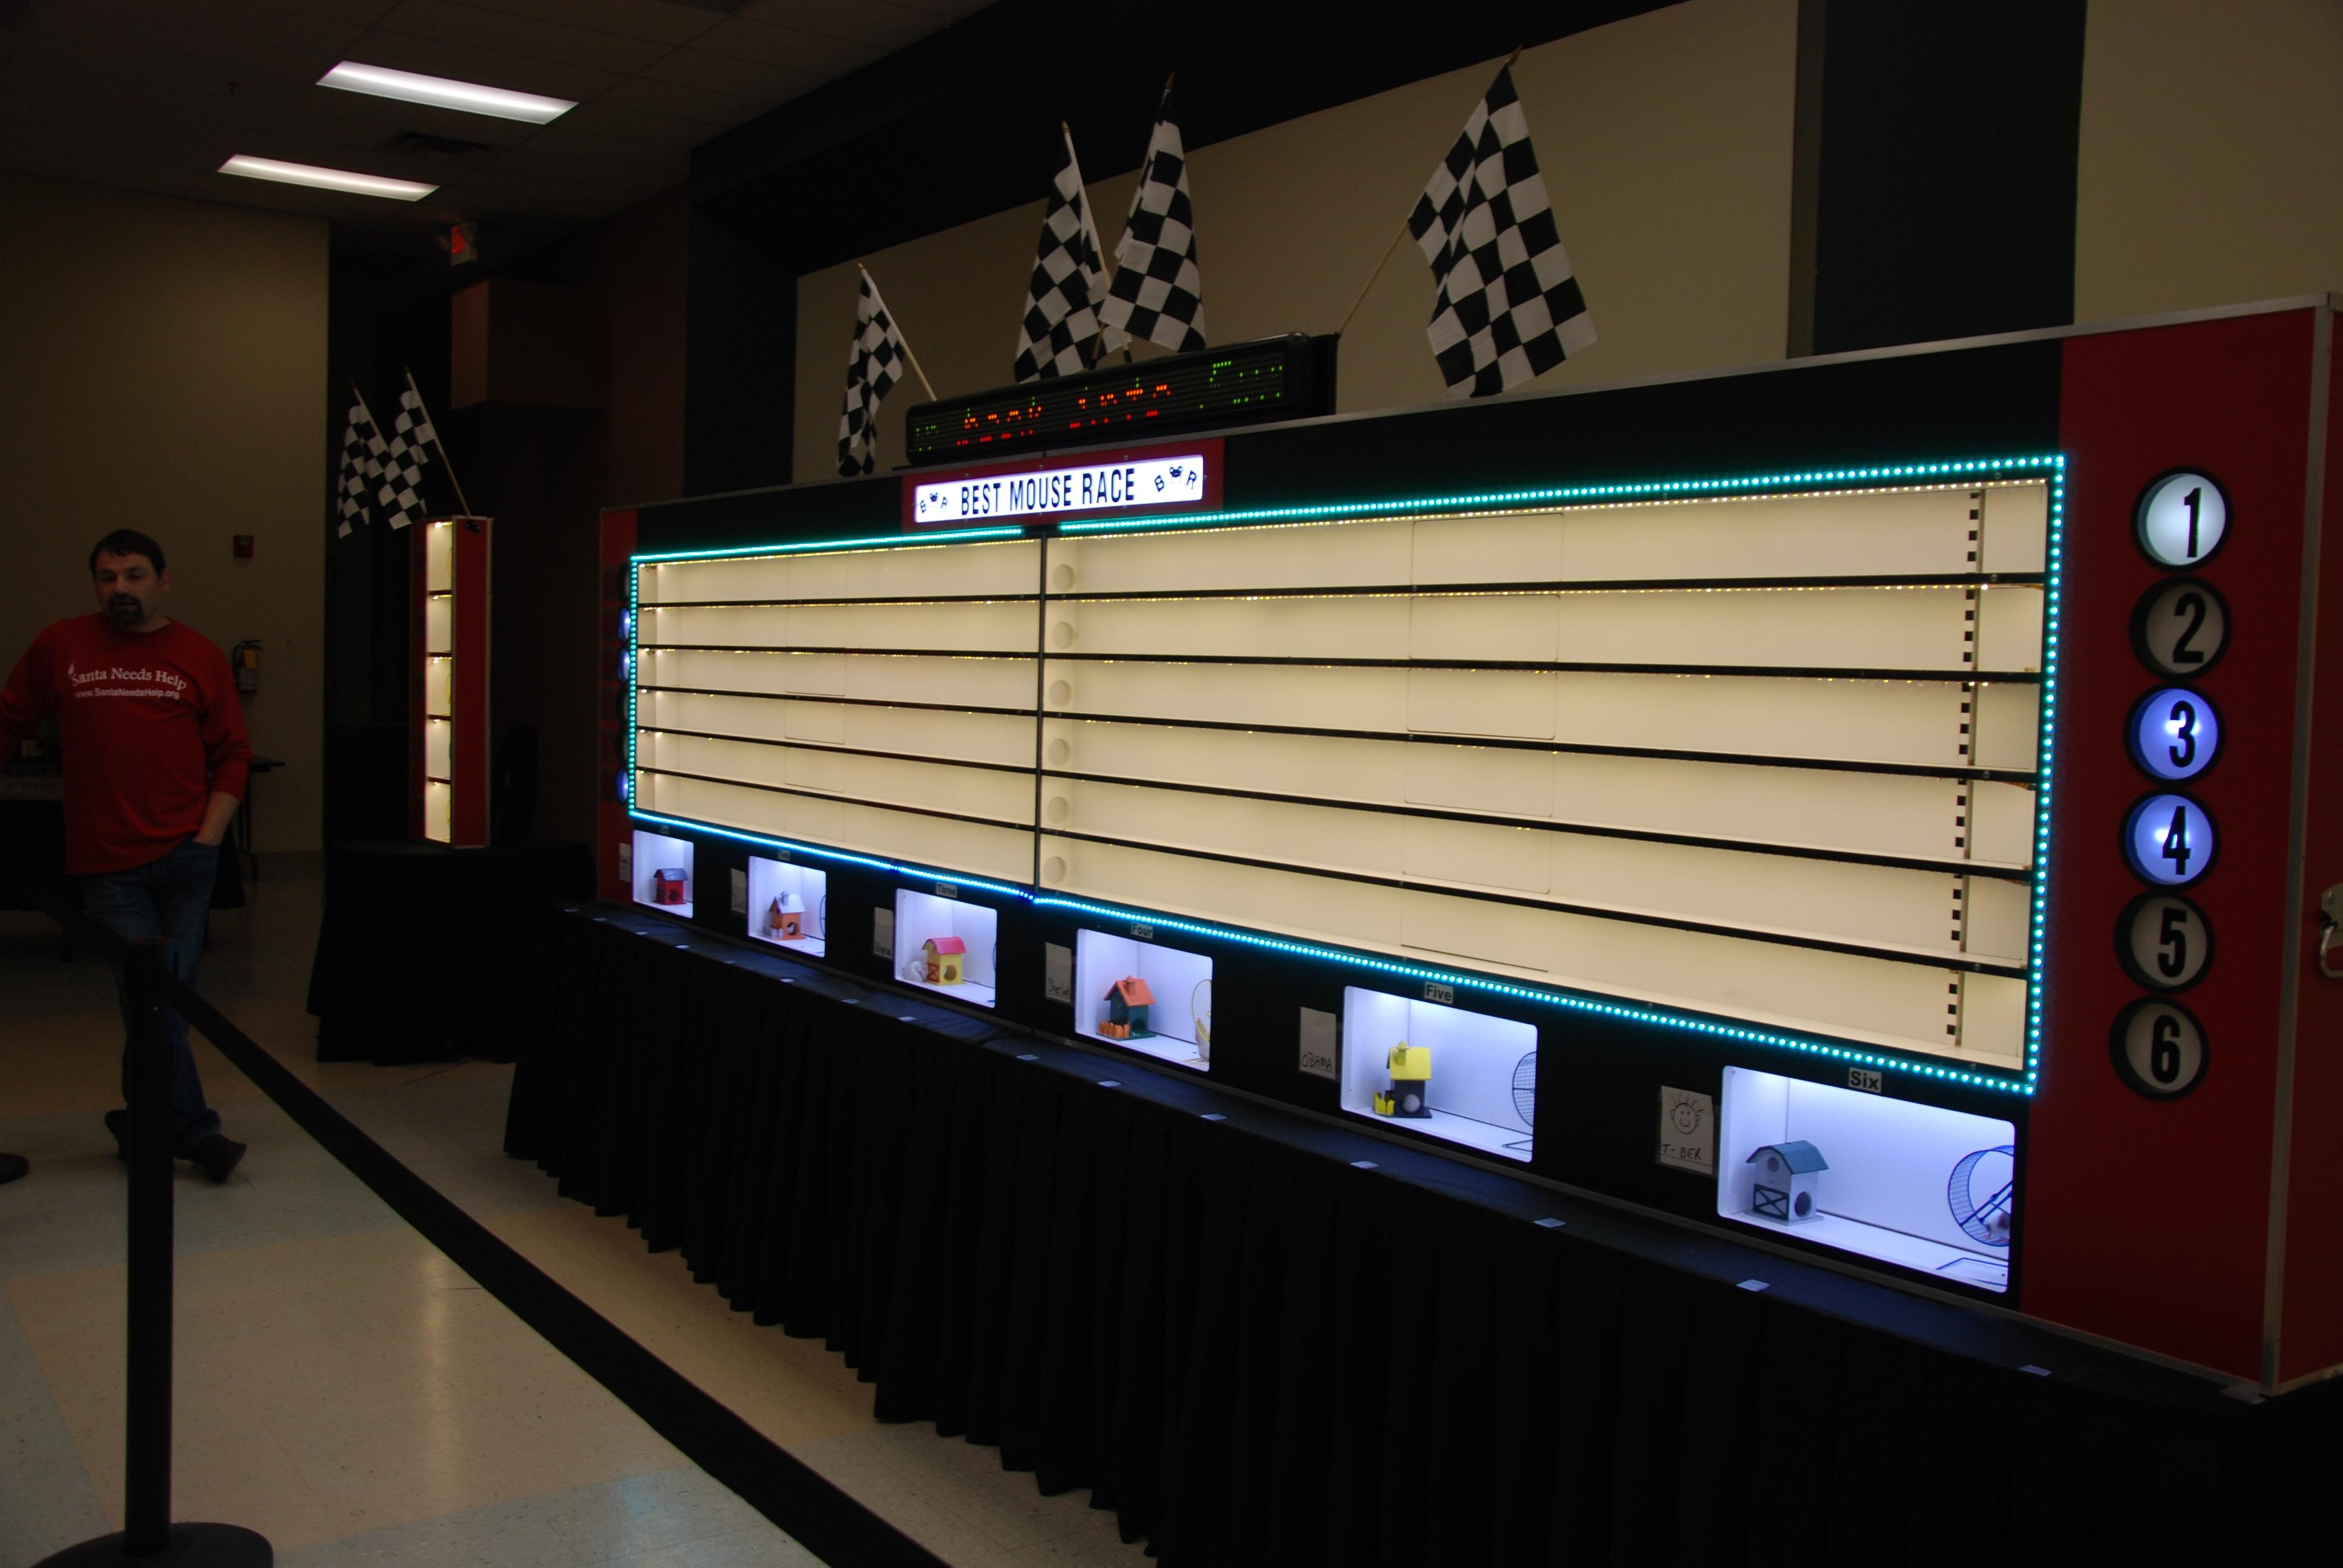 Pictures Best Mouse Race Saint Louis Missouri